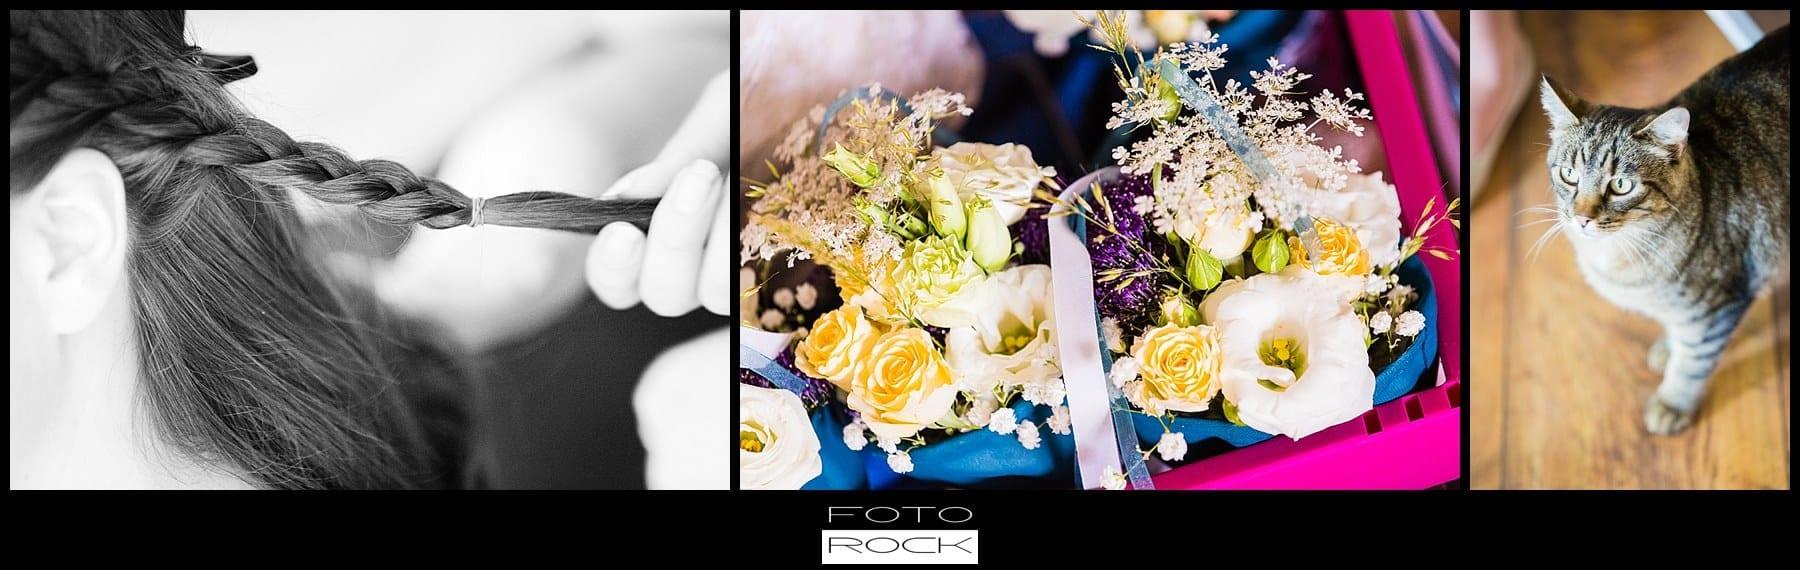 DIY Hochzeit Waldshut-Tiengen Hairstyling Blumen Katze